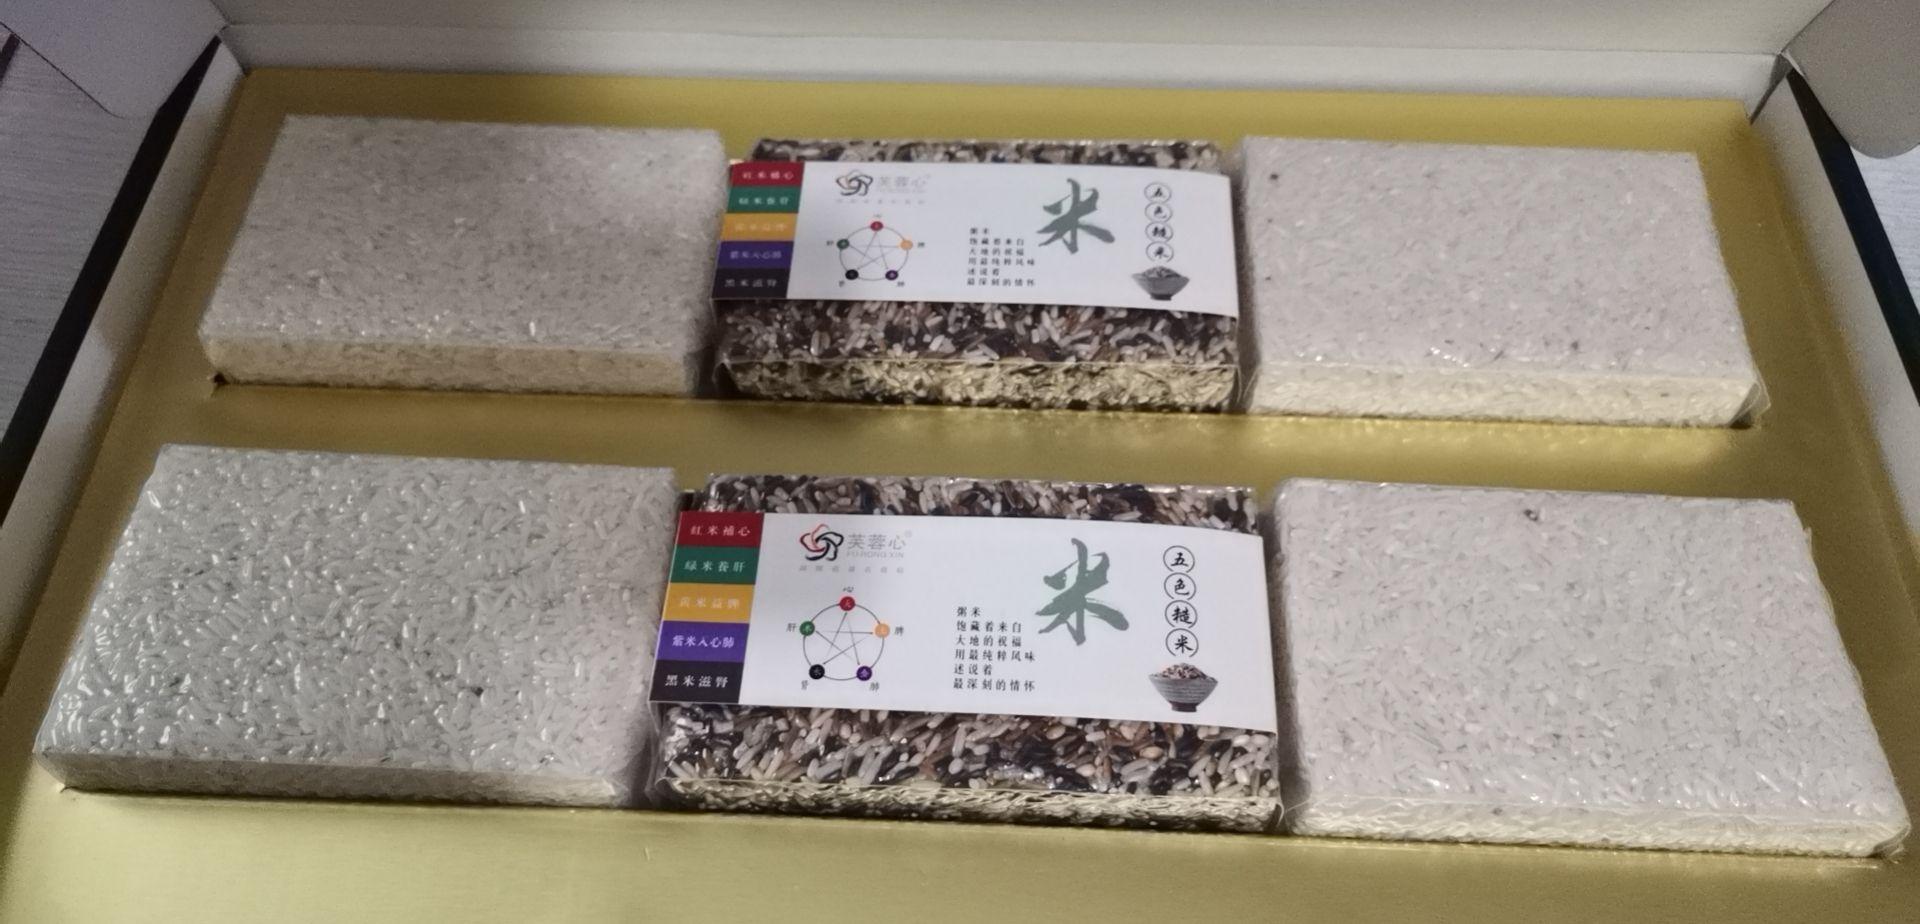 湖南农香32号五色米厂家